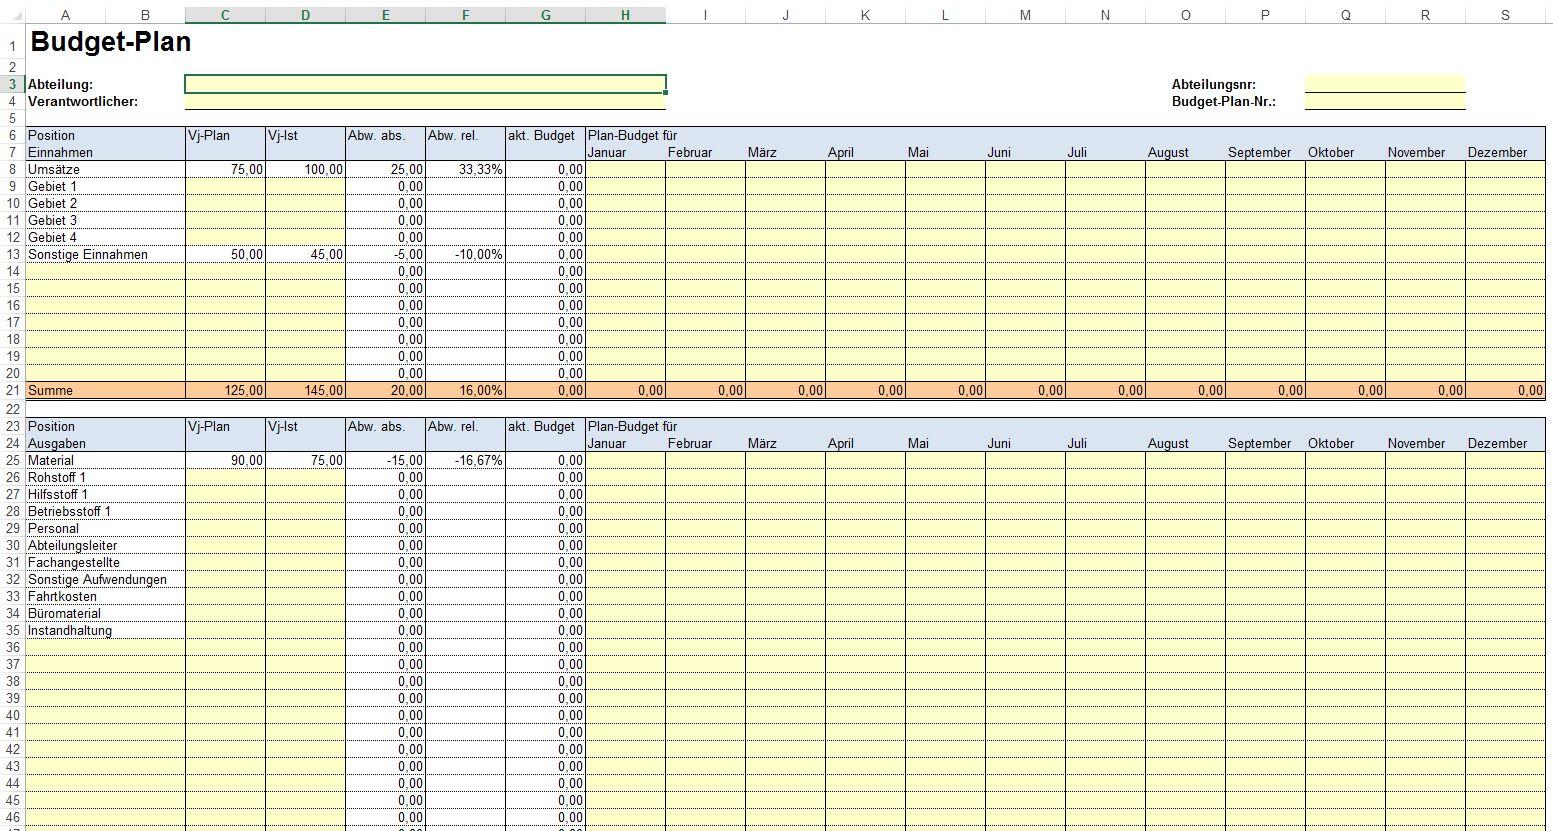 Vorlage für Budgetplan, Änderungsantrag und Auswertung